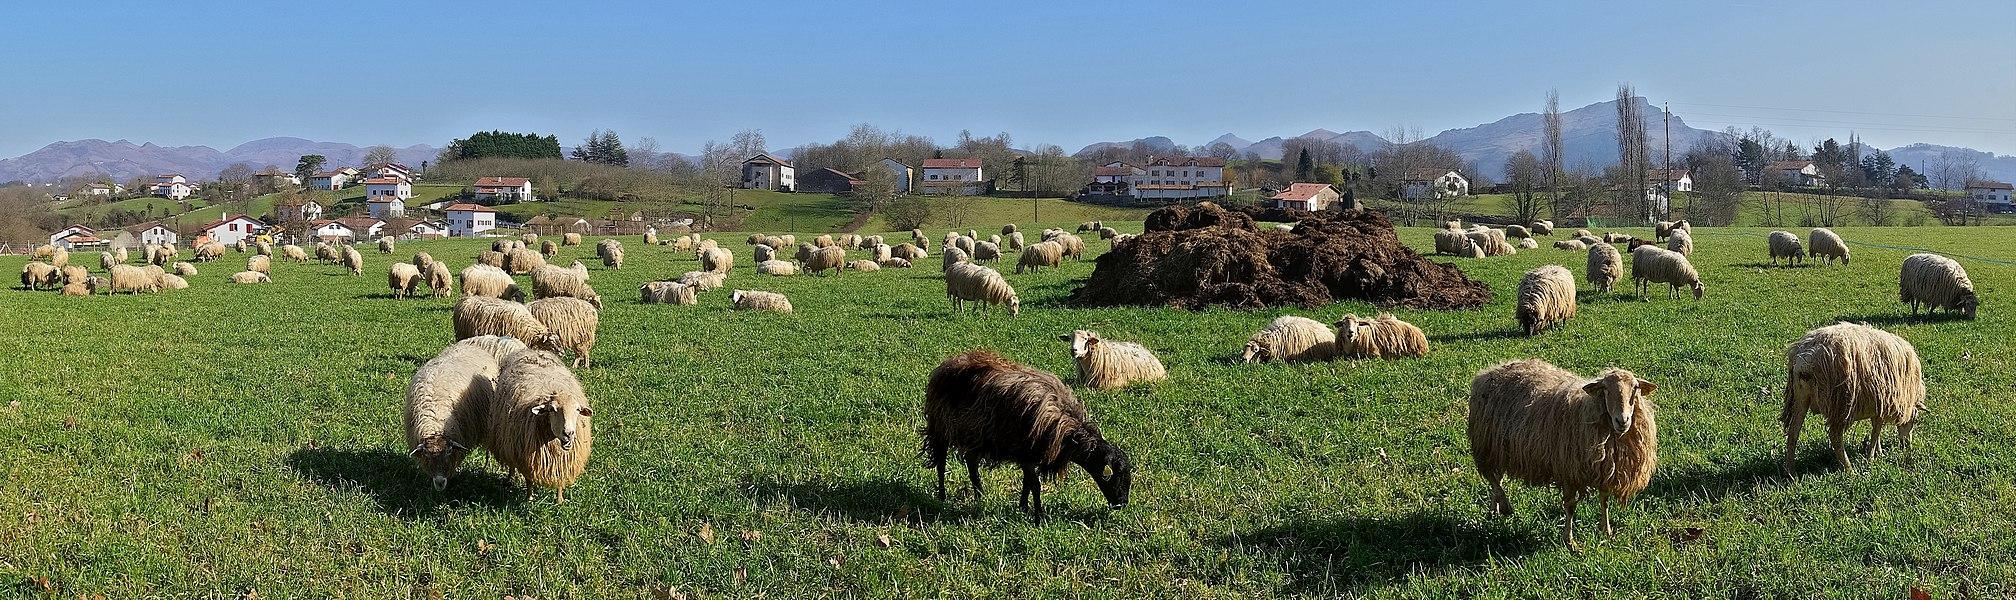 """Flock of """"Manech à tête rousse"""" sheep, Sare, Pyrénées-Atlantiques, France."""